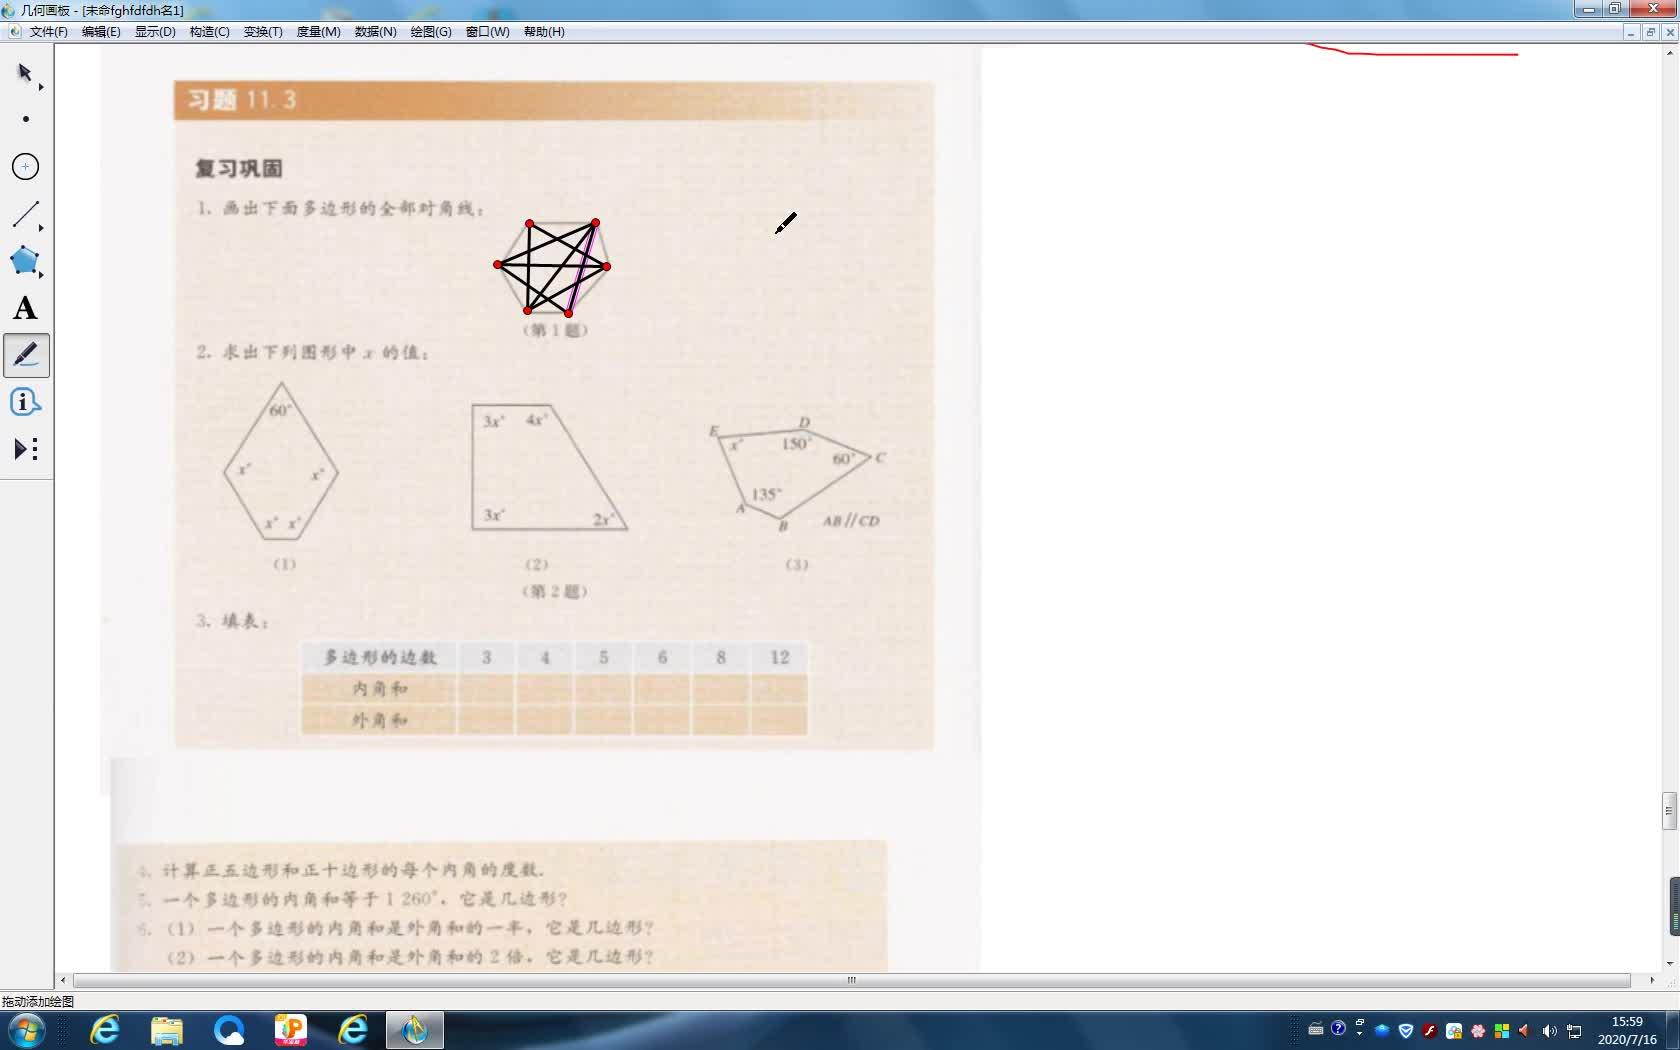 人教版八年级数学上册,本视频为在家自学的初二学生的学习提供帮助,讲解细致,注重方法,能有效的提高学生的学习能力。[来自e网通极速客户端]